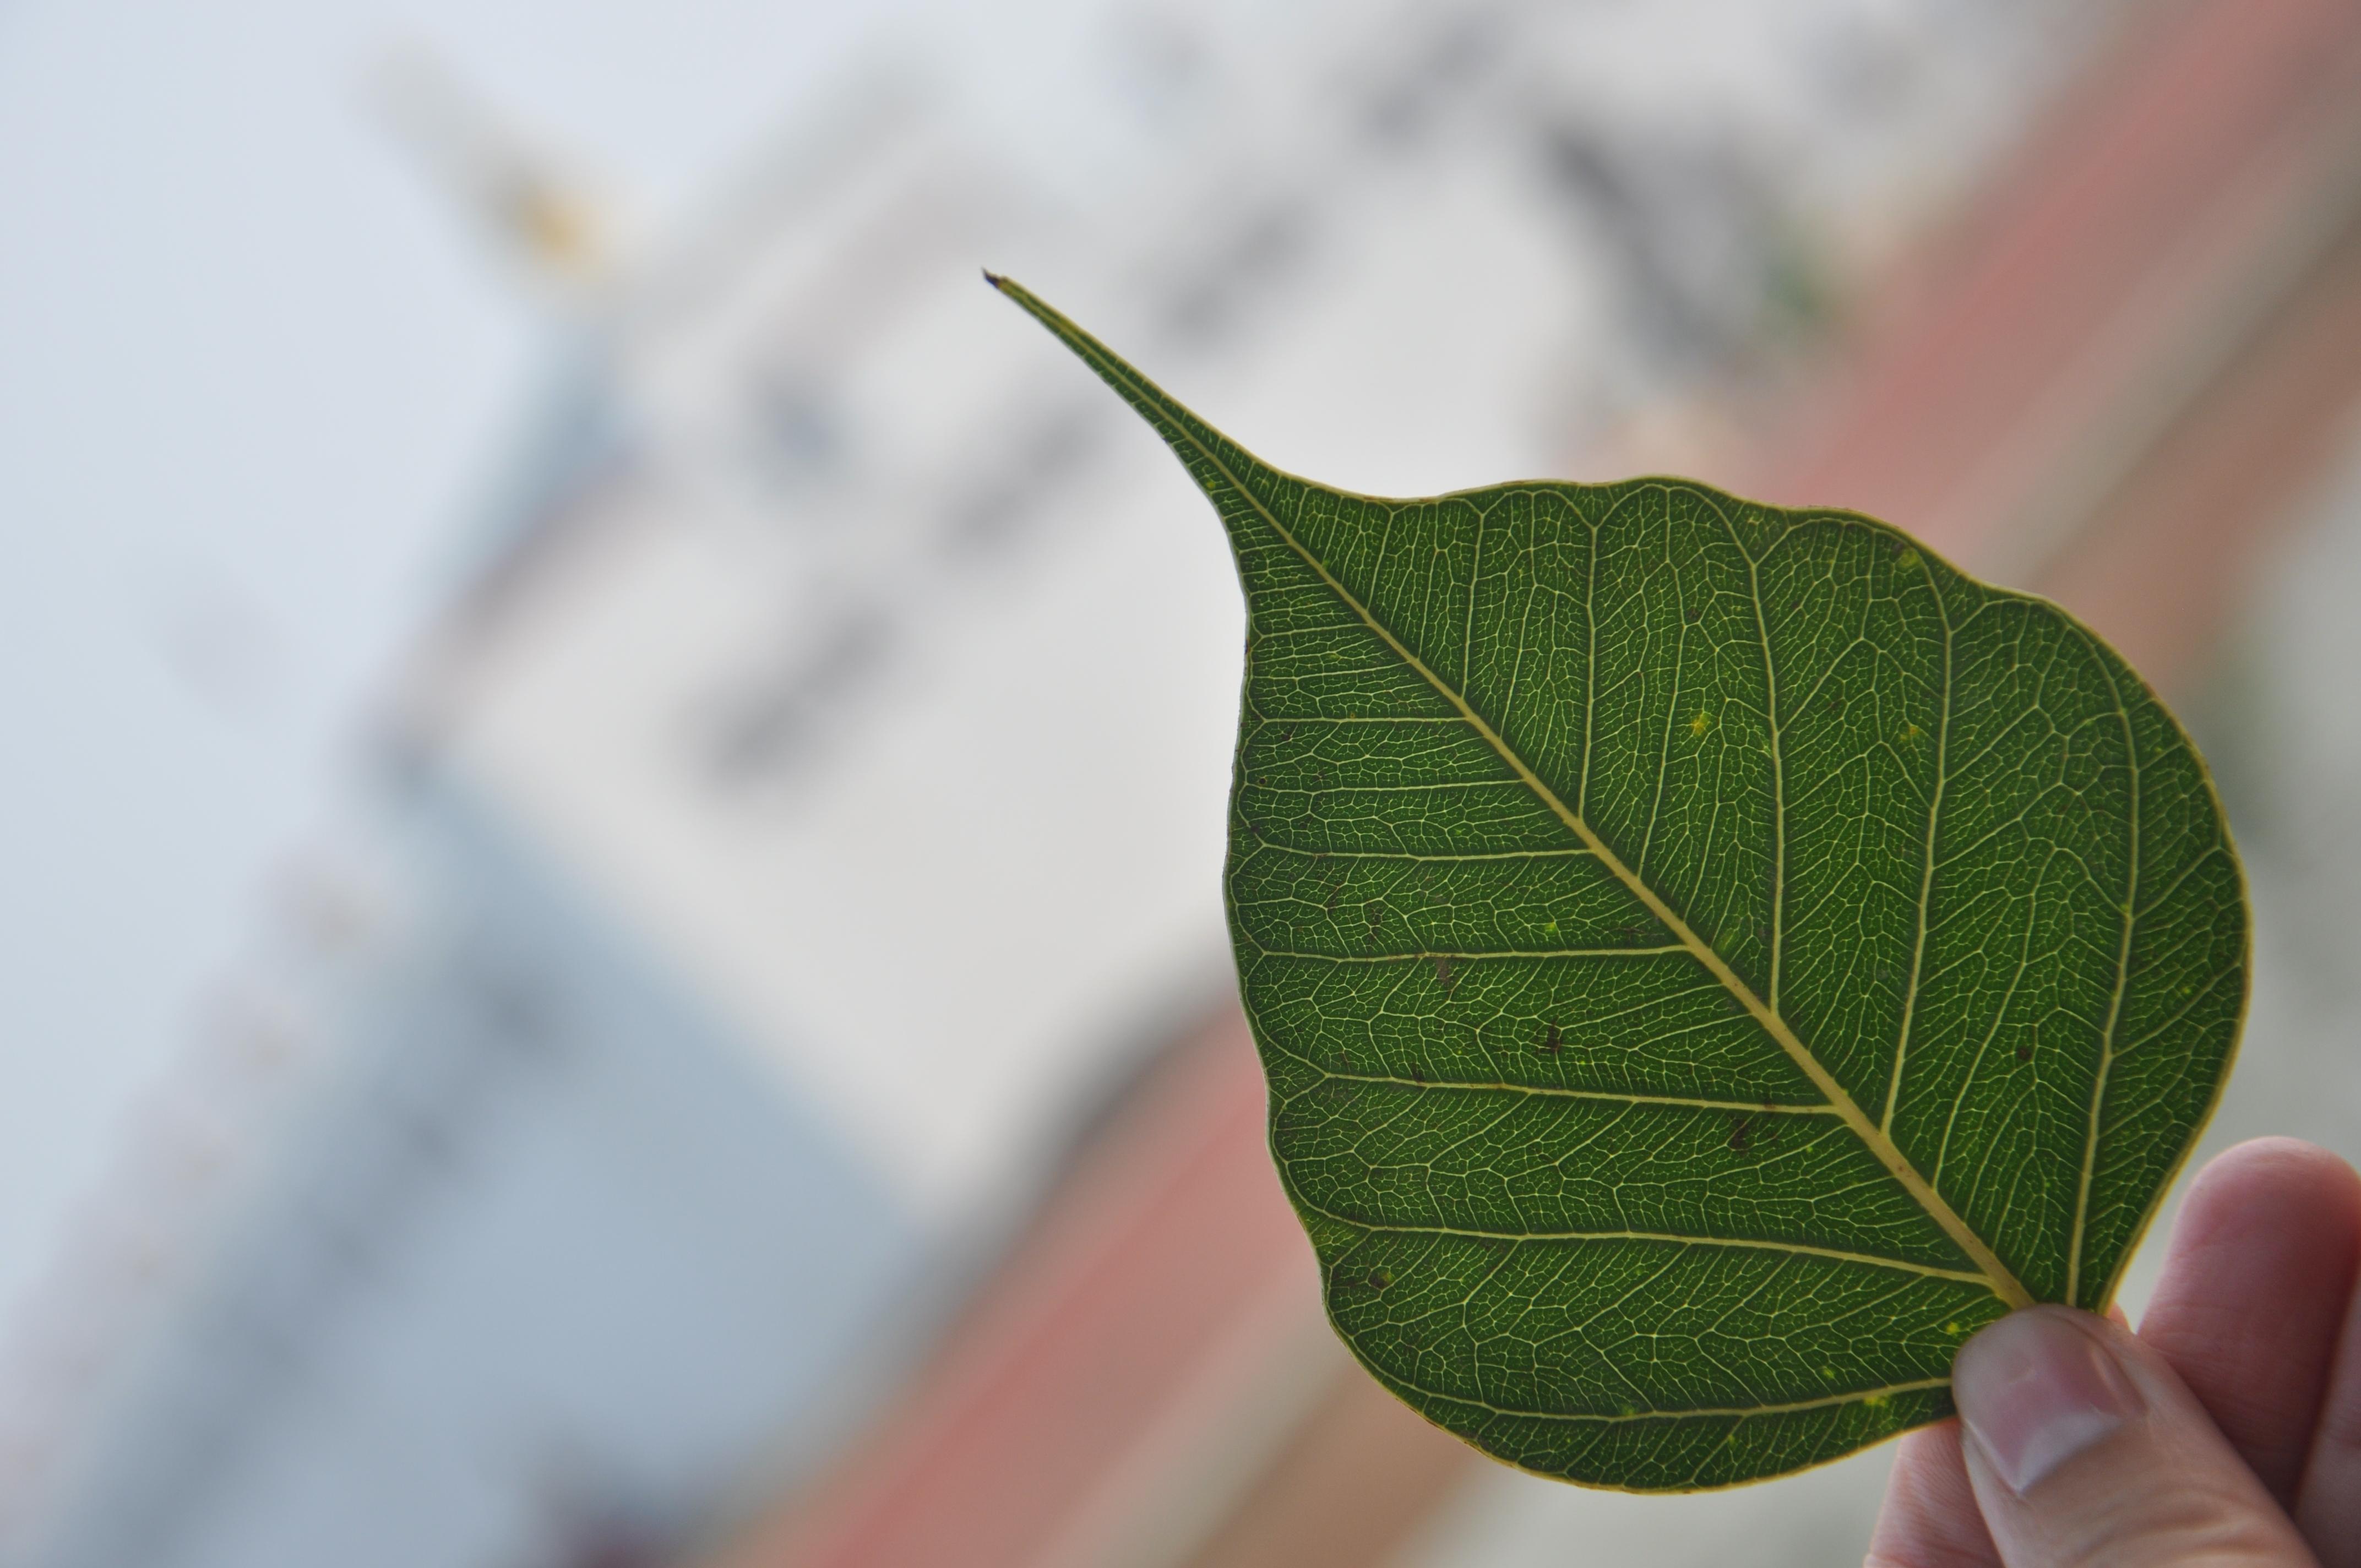 菩提树的叶子.